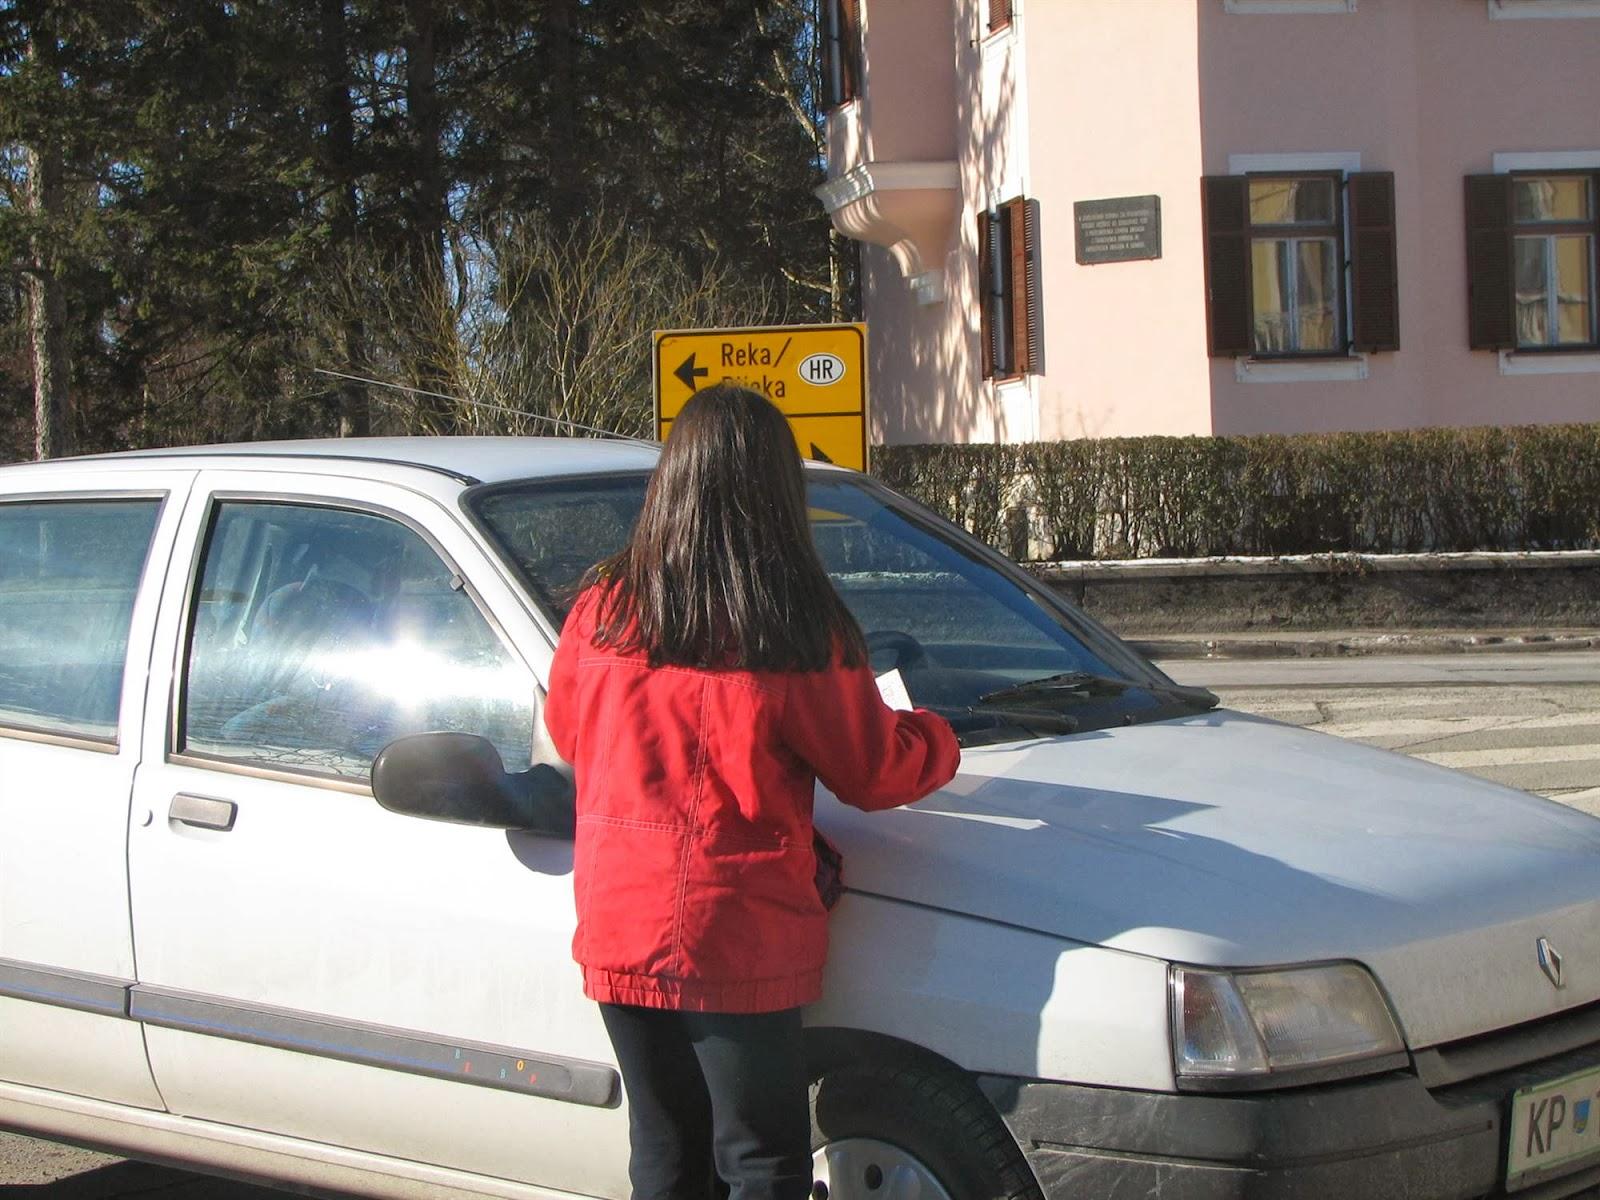 Raznašanje letakov, Ilirska Bistrica 2006 - pic%2B082.jpg